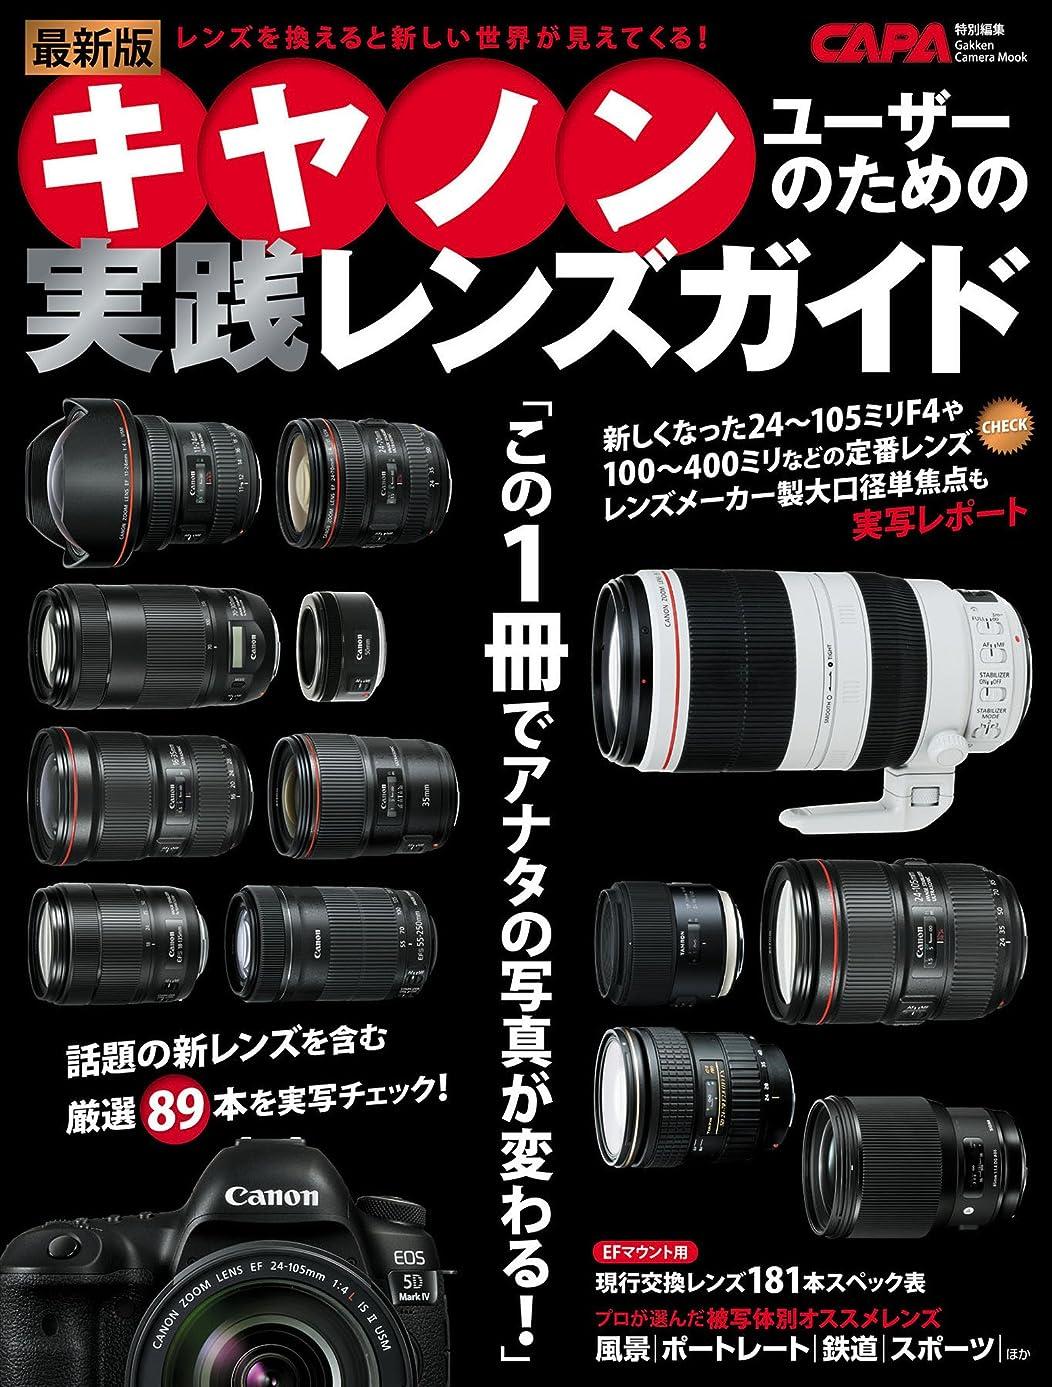 傷跡シャベル宇宙最新版キヤノンユーザーのための実践レンズガイド (学研カメラムック)